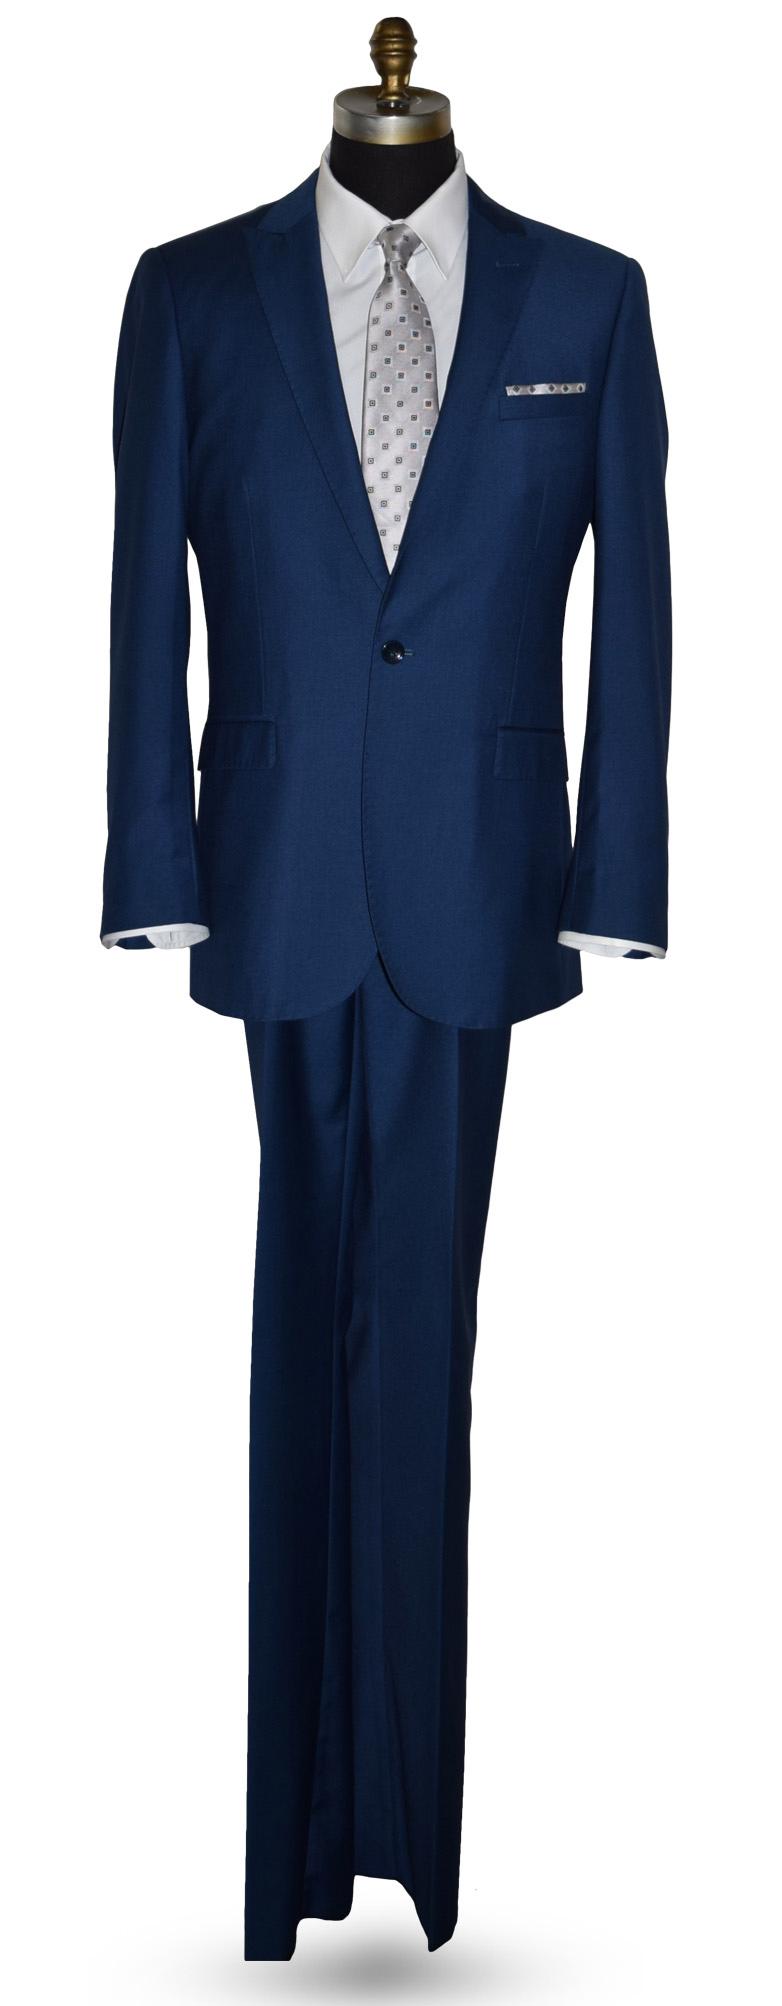 Azure Blue Coat and Pants Set - A real beauty.